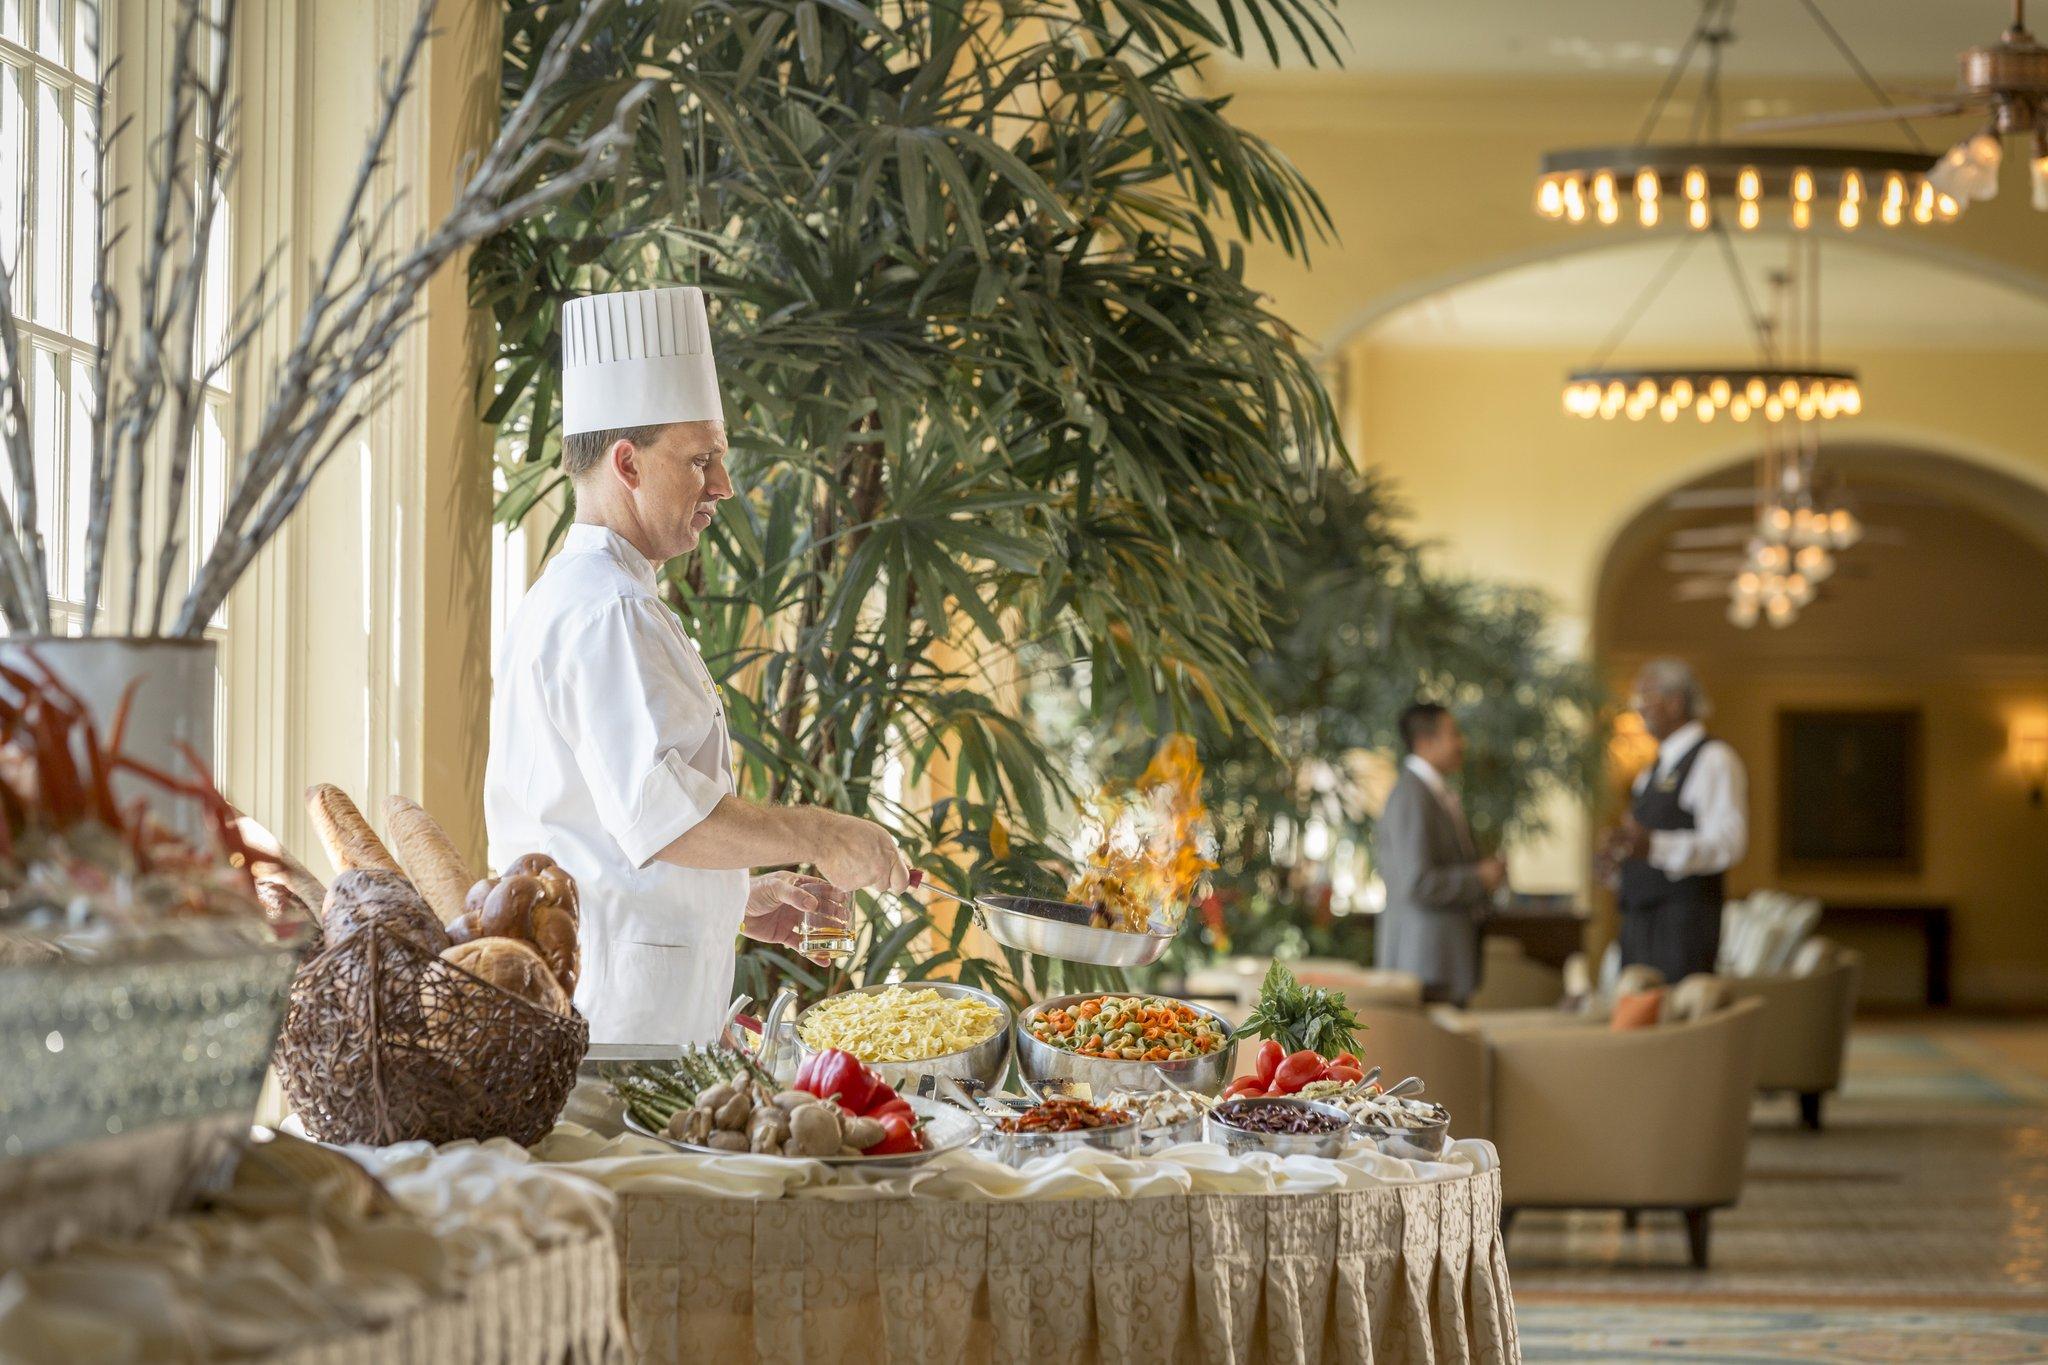 Hotel Galvez & Spa - A Wyndham Grand Hotel